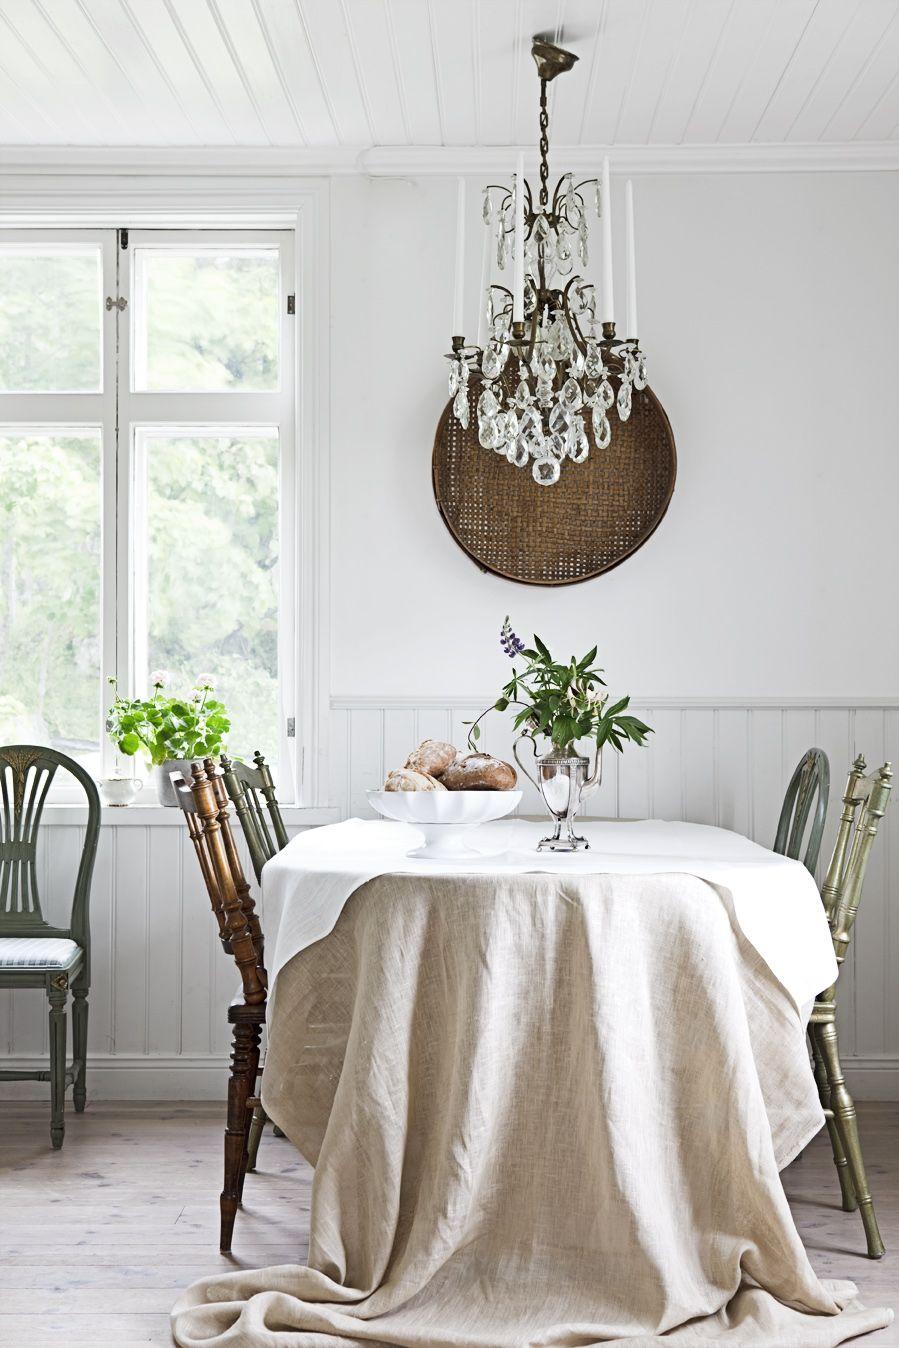 Sekelskifte I Stockholms Skärgård  Vintage Decor Linen Custom Tablecloth For Dining Room Table Decorating Inspiration